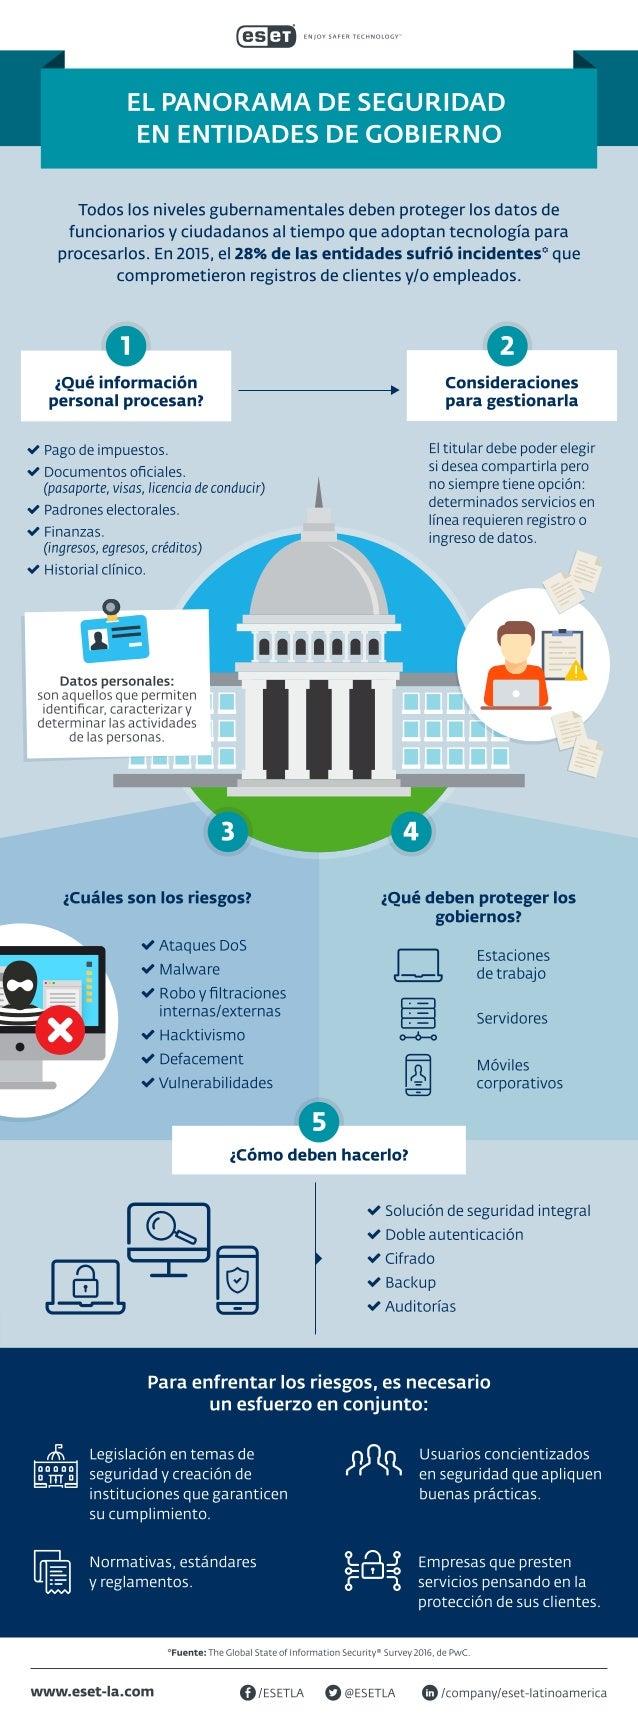 El Panorama de Seguridad en Entidades de Gobierno